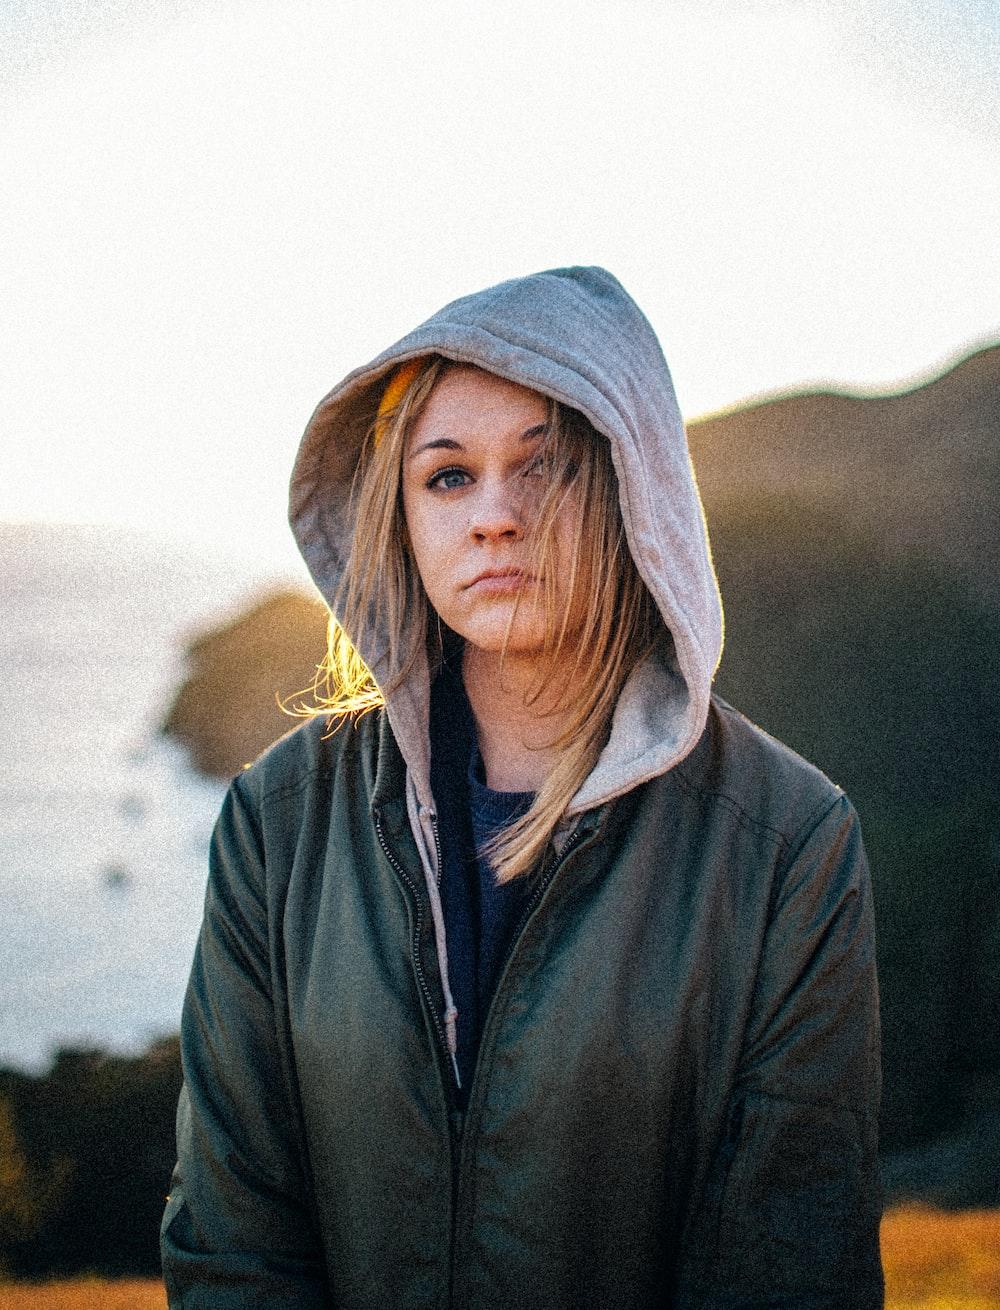 woman in black and gray zip hoodie